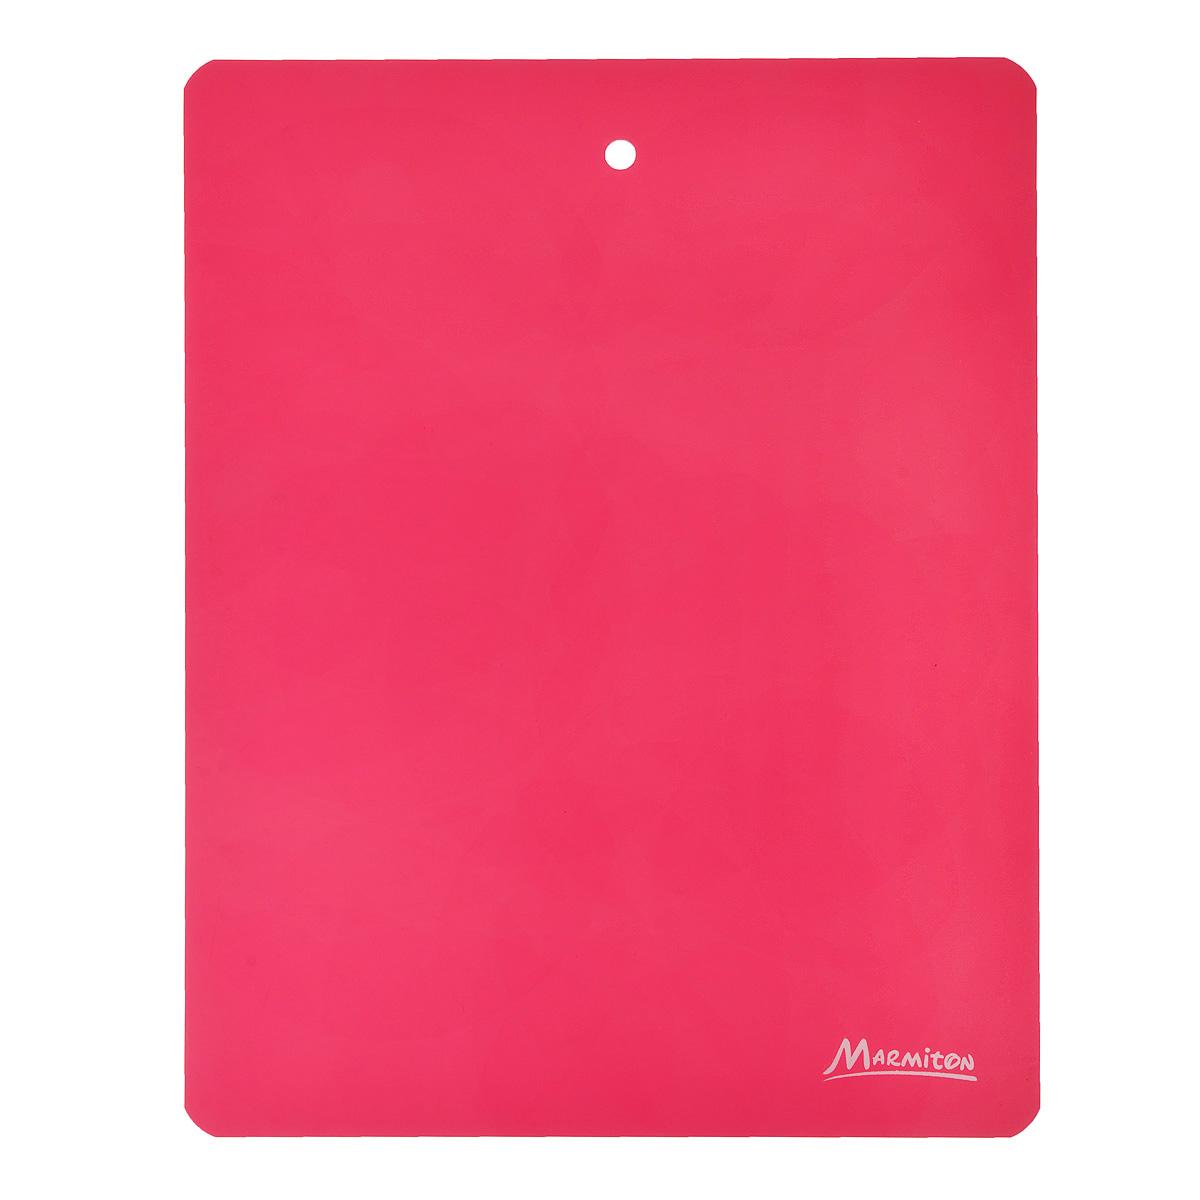 Доска разделочная Marmiton, гибкая, цвет: красный, 28 х 22 см17025_красныйГибкая разделочная доска Marmiton прекрасно подходит для разделки всех видов пищевых продуктов. Изготовлена из гибкого одноцветного пластика для удобства переноски и высыпания. Изделие оснащено отверстием для подвешивания на крючок.Можно мыть в посудомоечной машине.